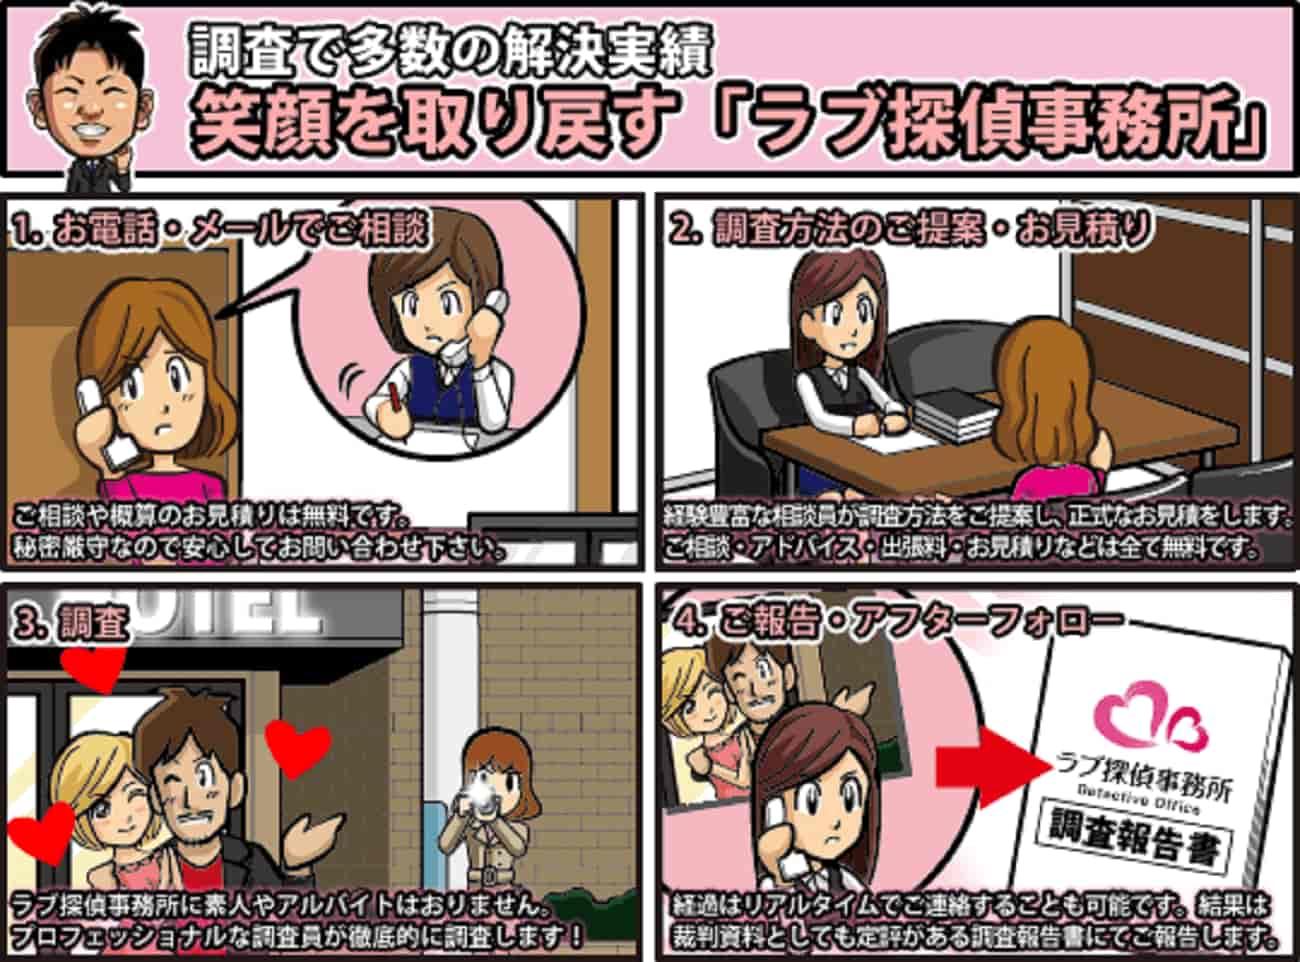 ラブ探偵事務所は埼玉県八潮市の相談お見積り無料